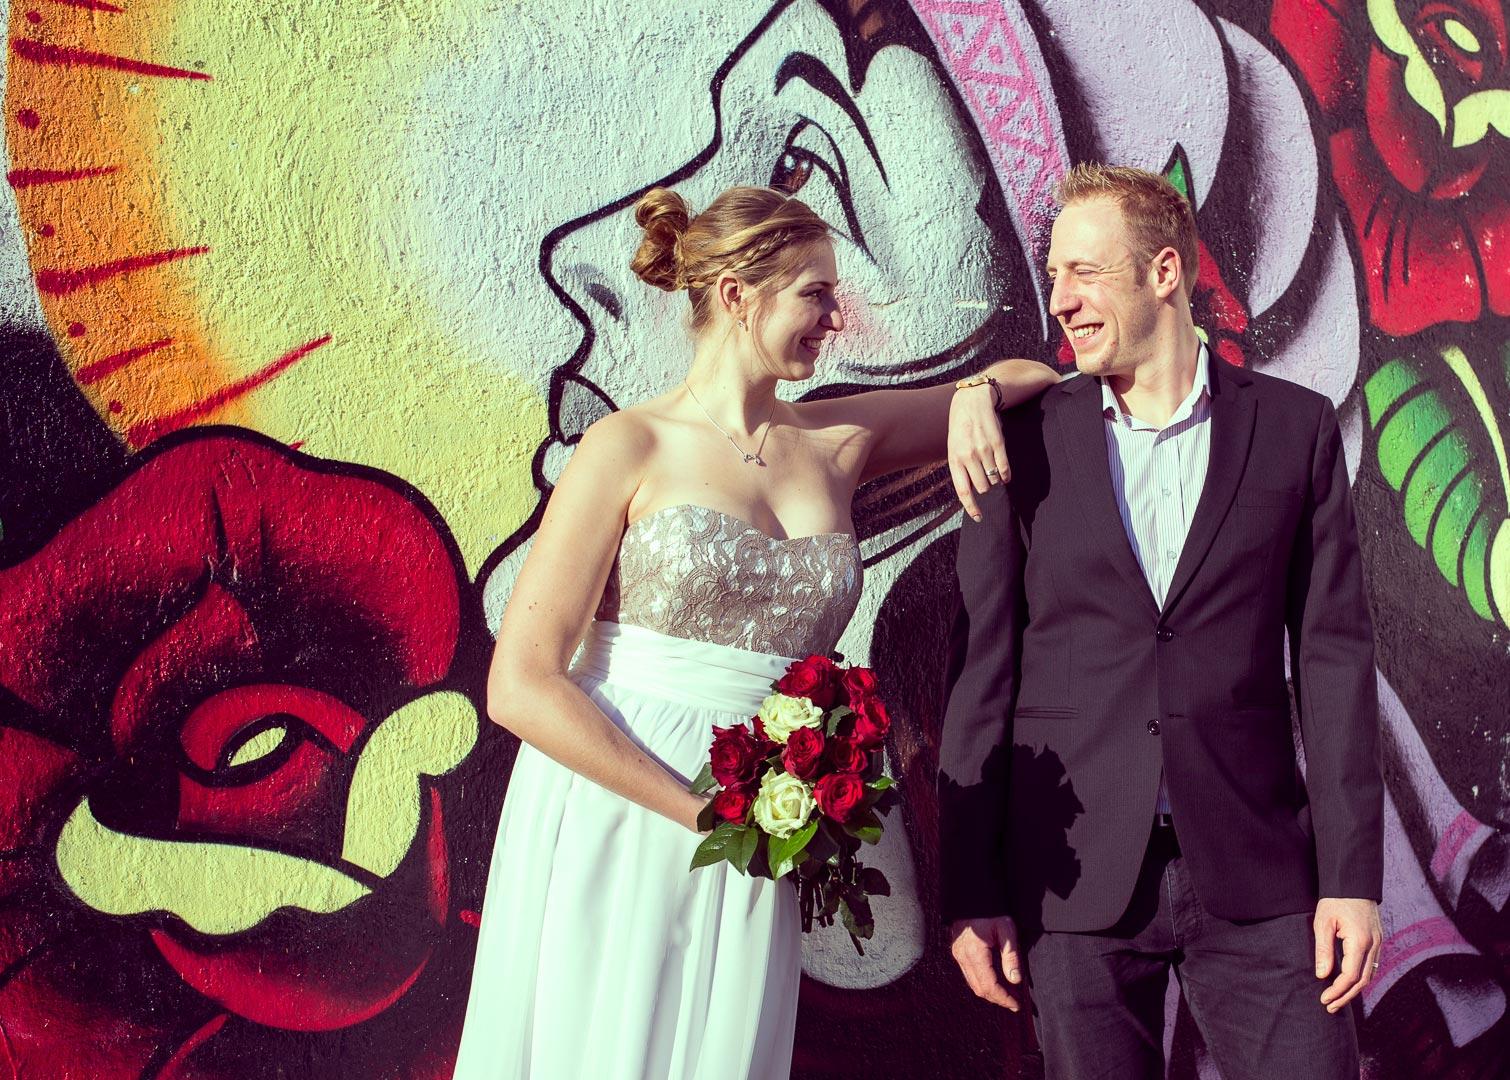 Hochzeitsfotograf in Weinheim, im Standesamt oder in der Kirche oder im Park.